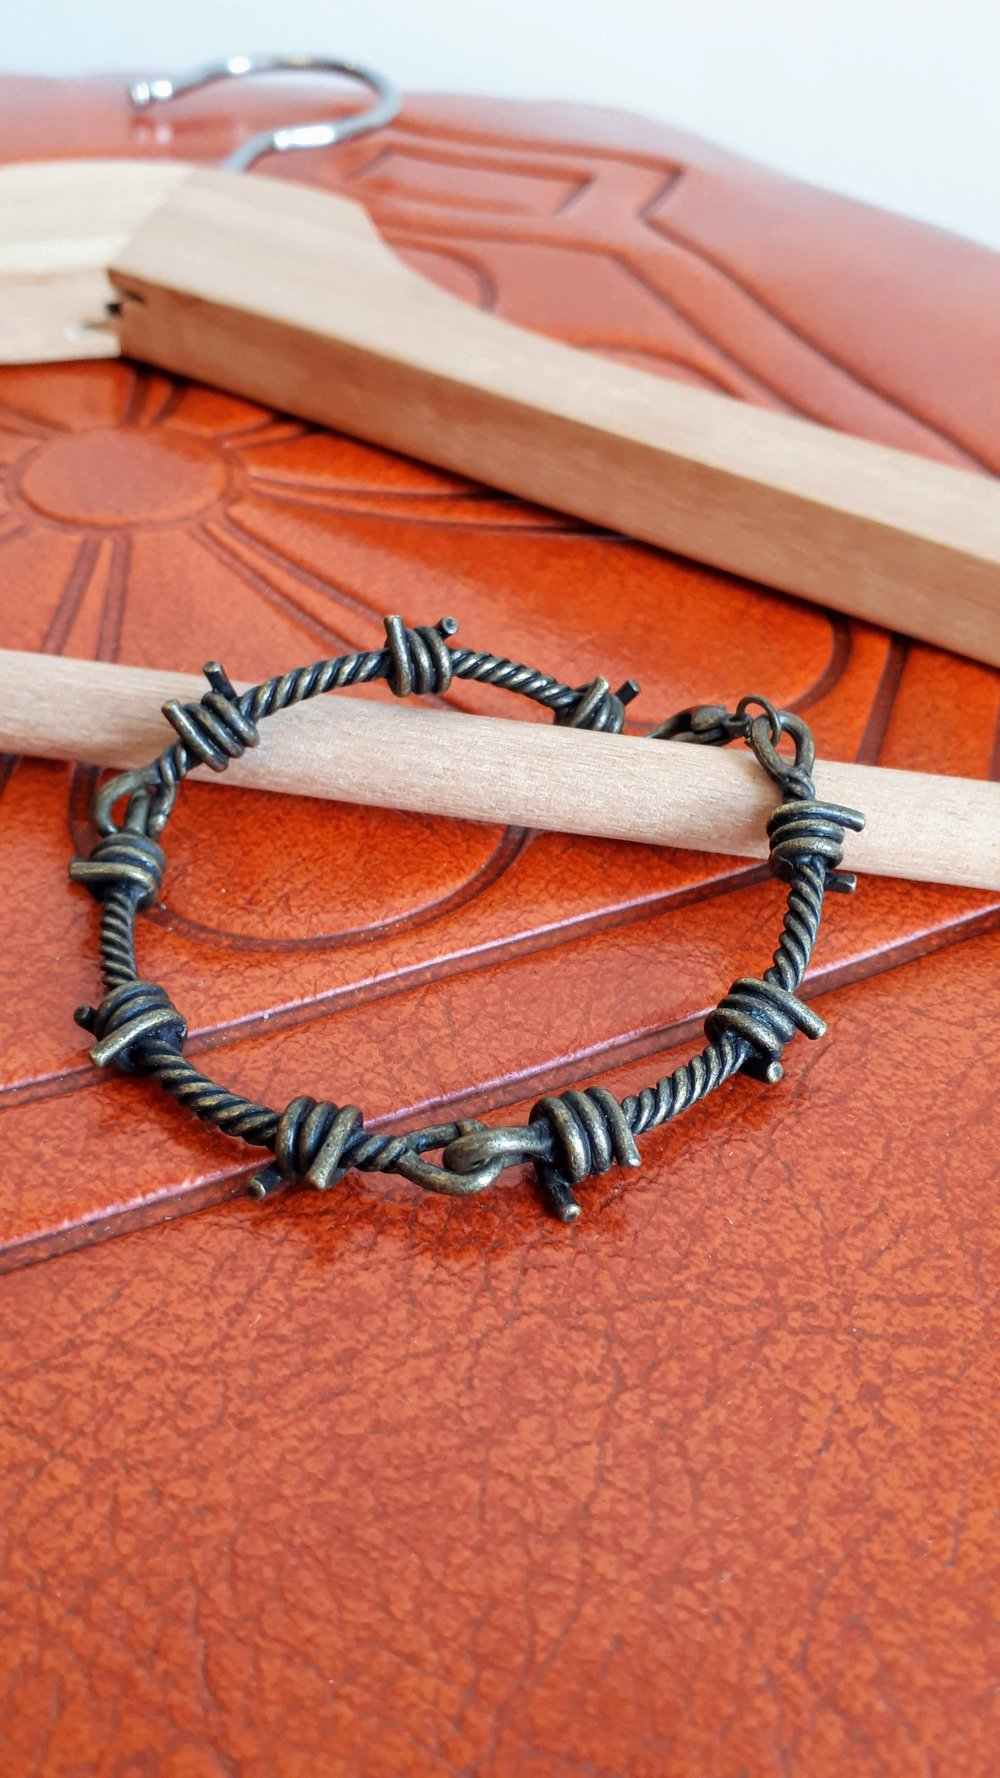 Barb wire bracelet, $18